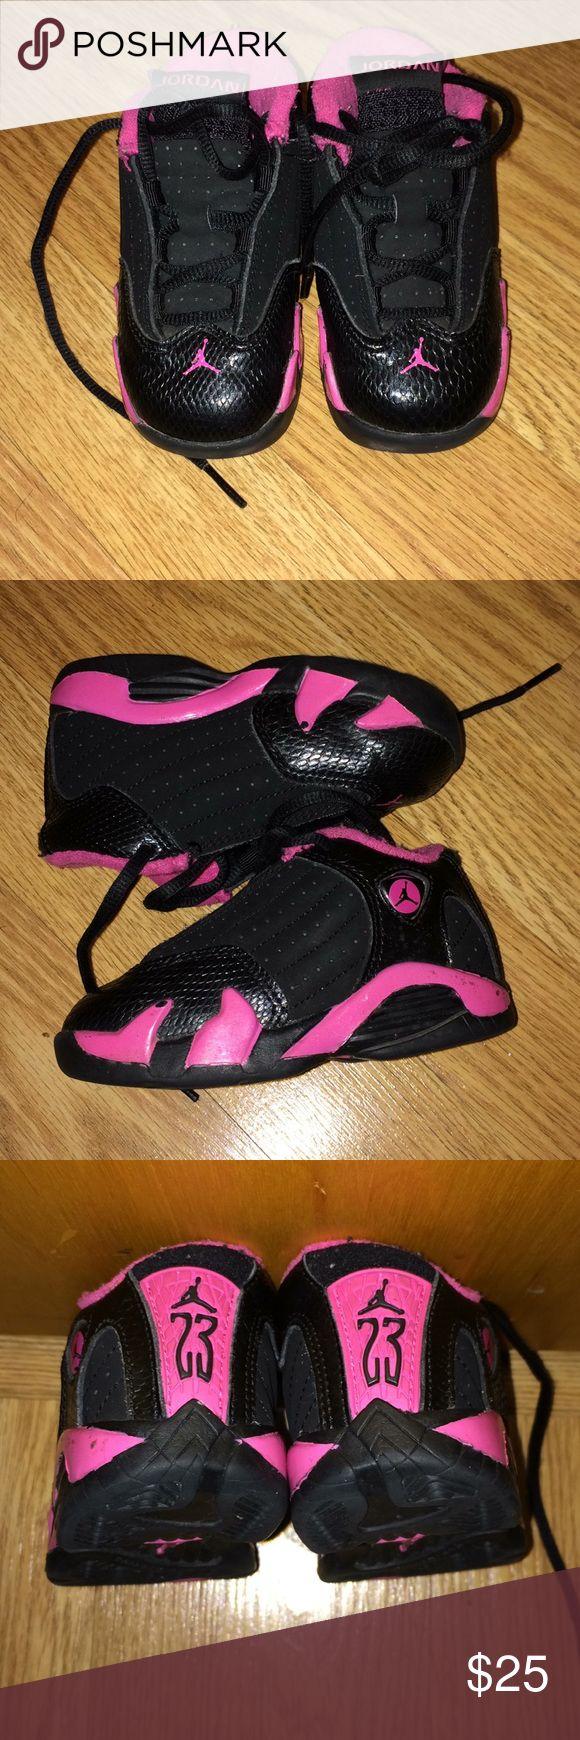 Jordan retro 14 Baby Jordan retro 14 in pink and black. Air Jordan Shoes Sneakers